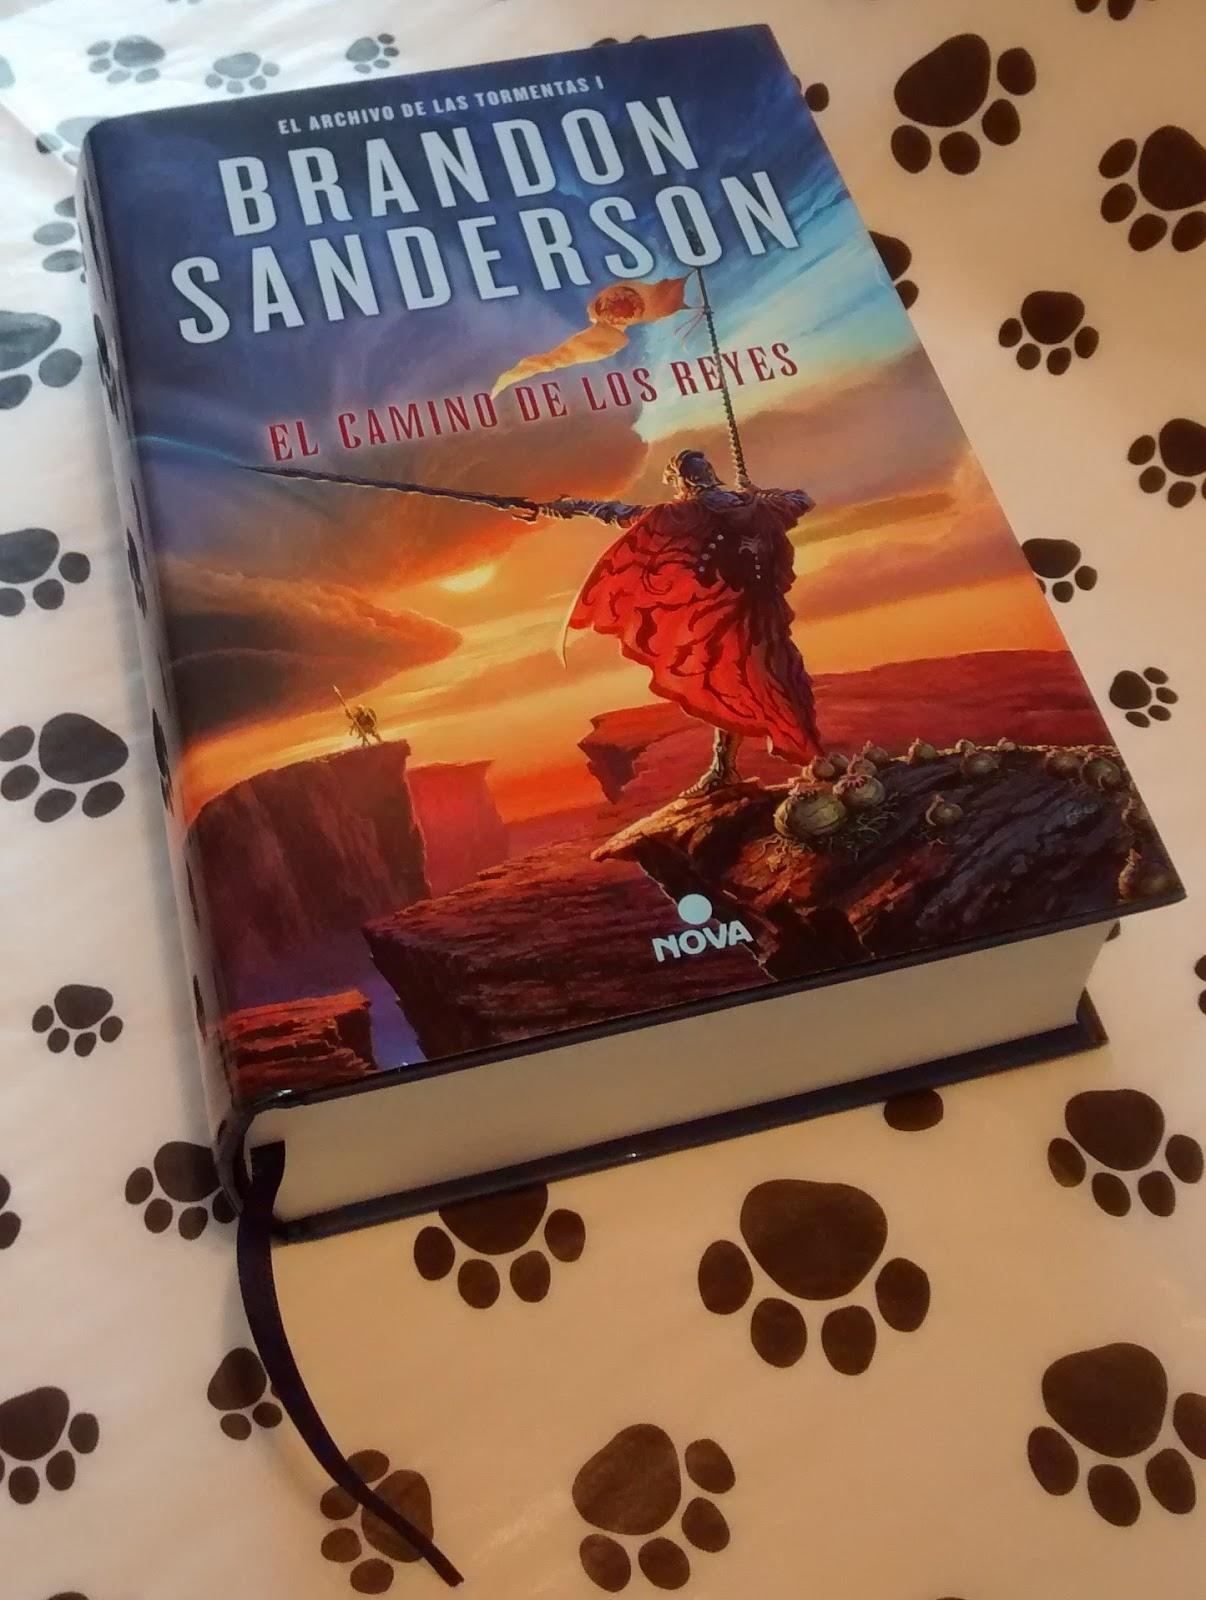 La sobrecubierta tiene la portada de la versión en inglés y las tapas  tienen el dibujo de una espada diferente para ambos libros. Aunque sin duda  lo que más ...